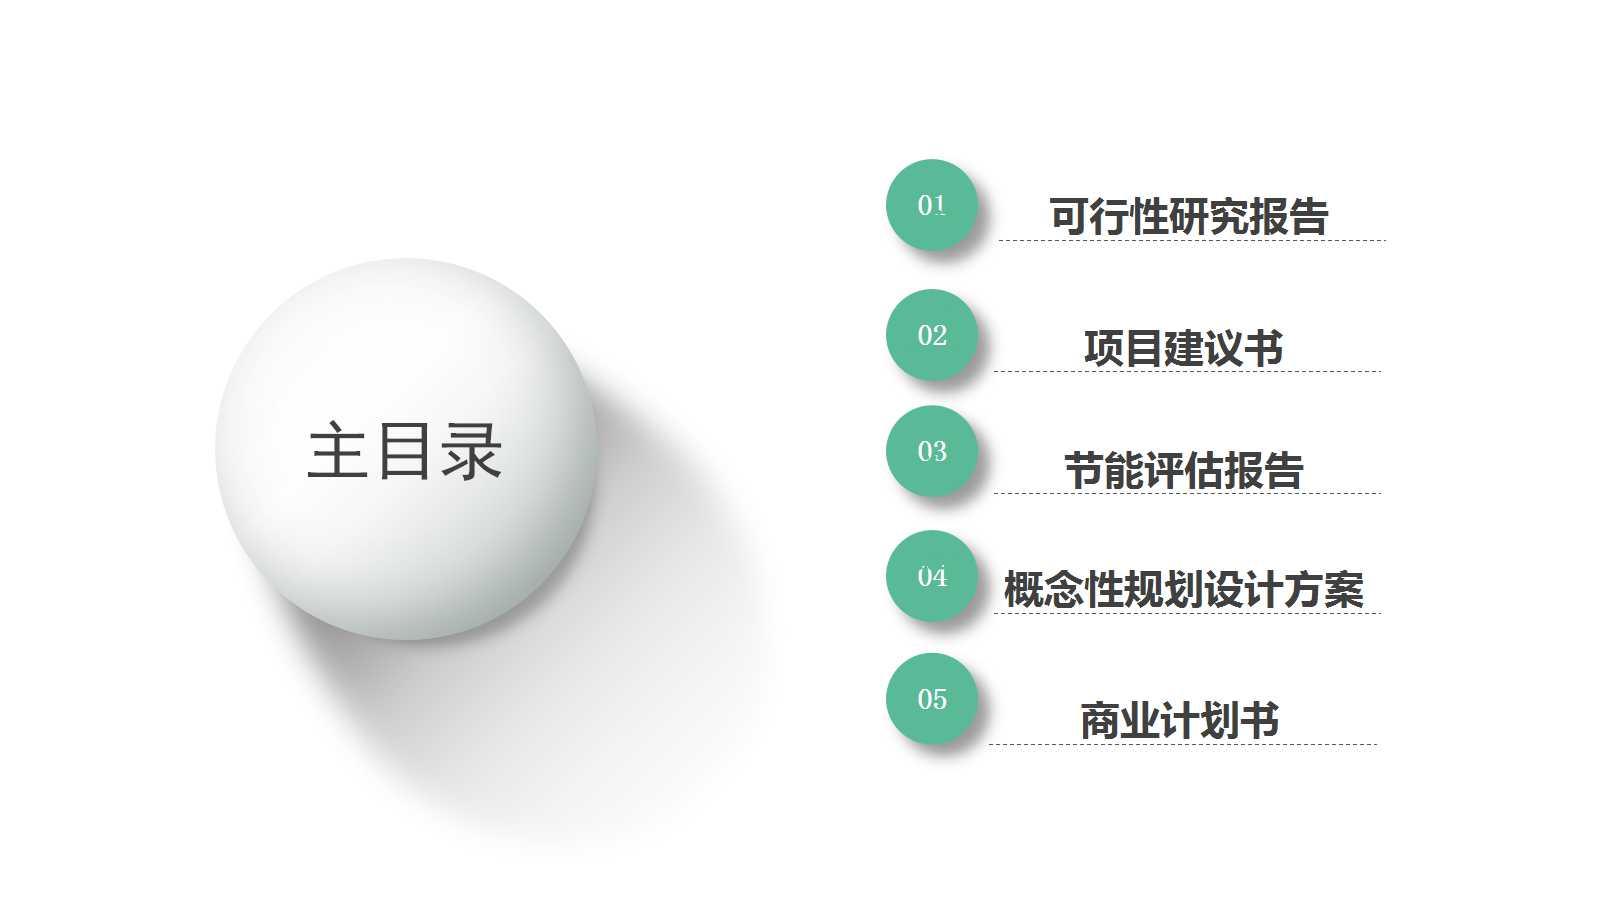 漢陰縣總體規劃設計優質單位總體規劃設計專業團隊